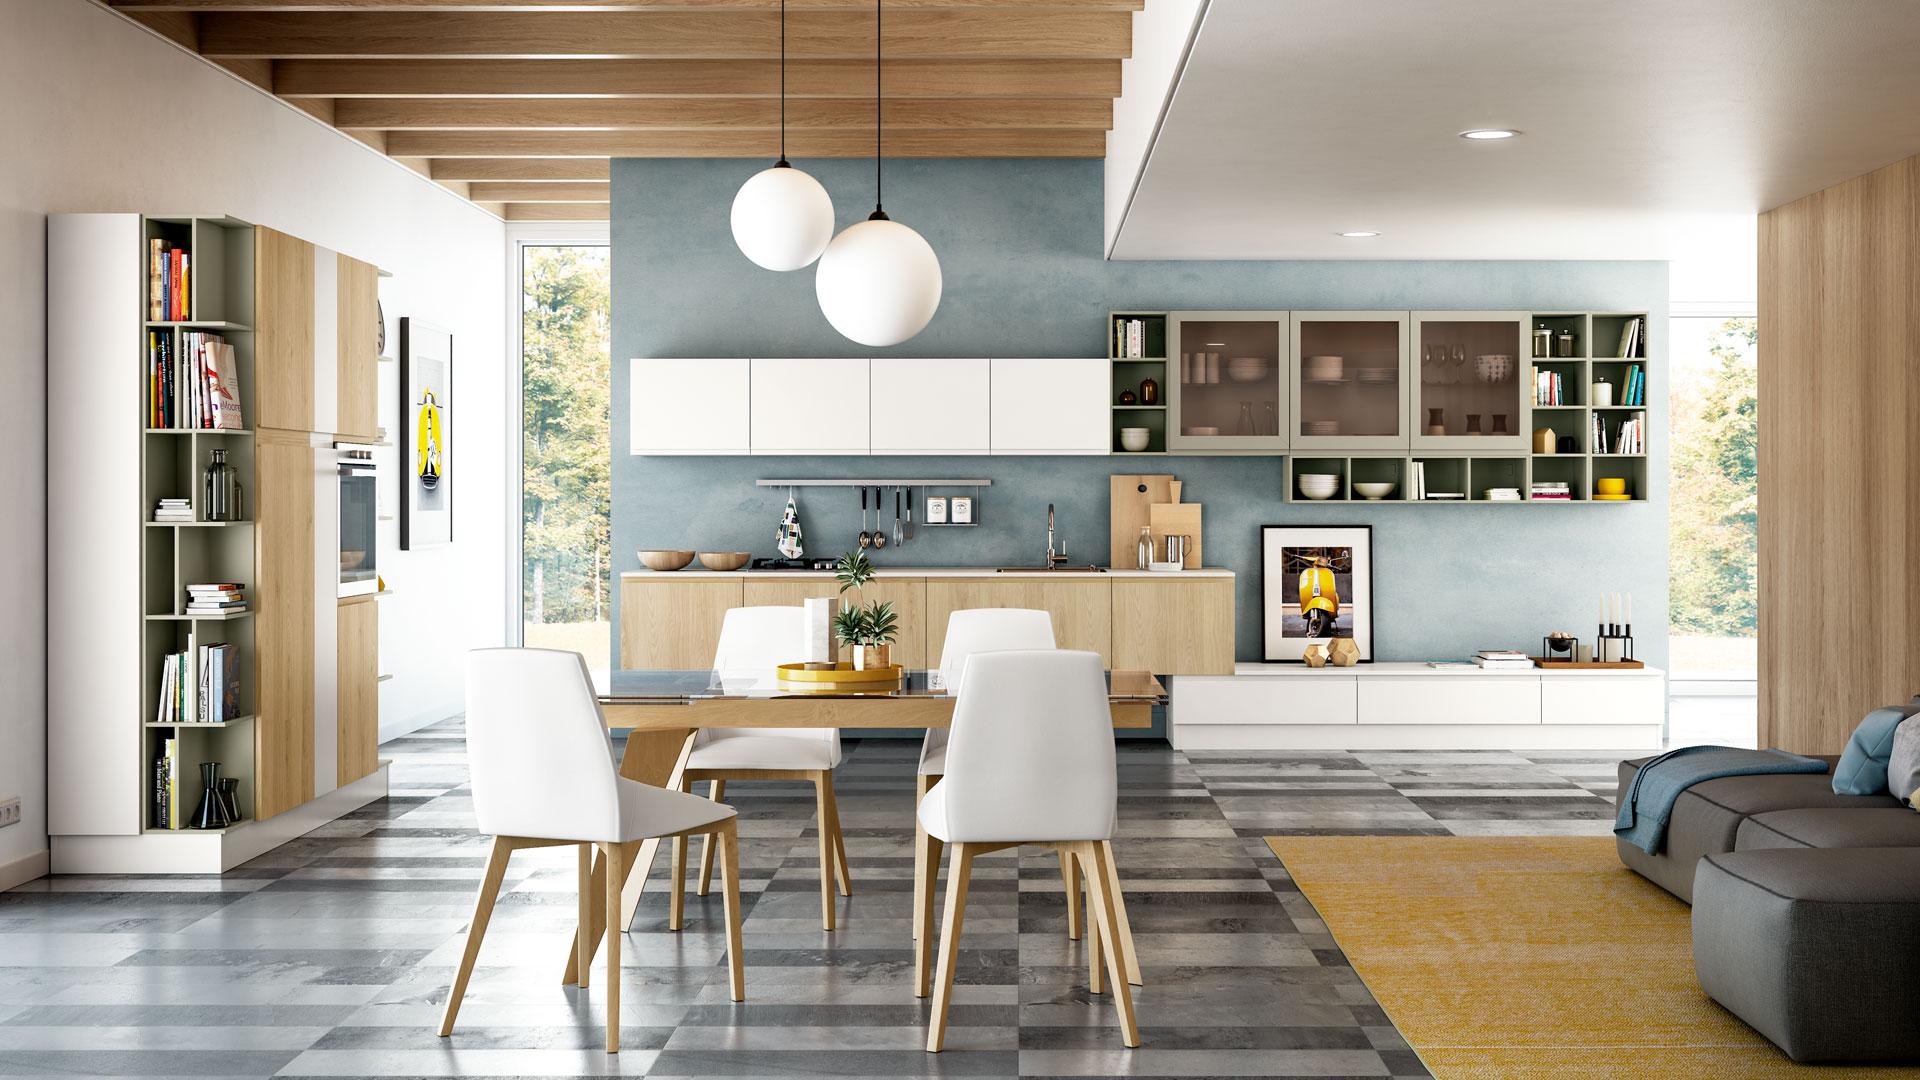 Ricambi Cucine Componibili.Cucine Moderne Classiche E Componibili Creo Cucine Creo